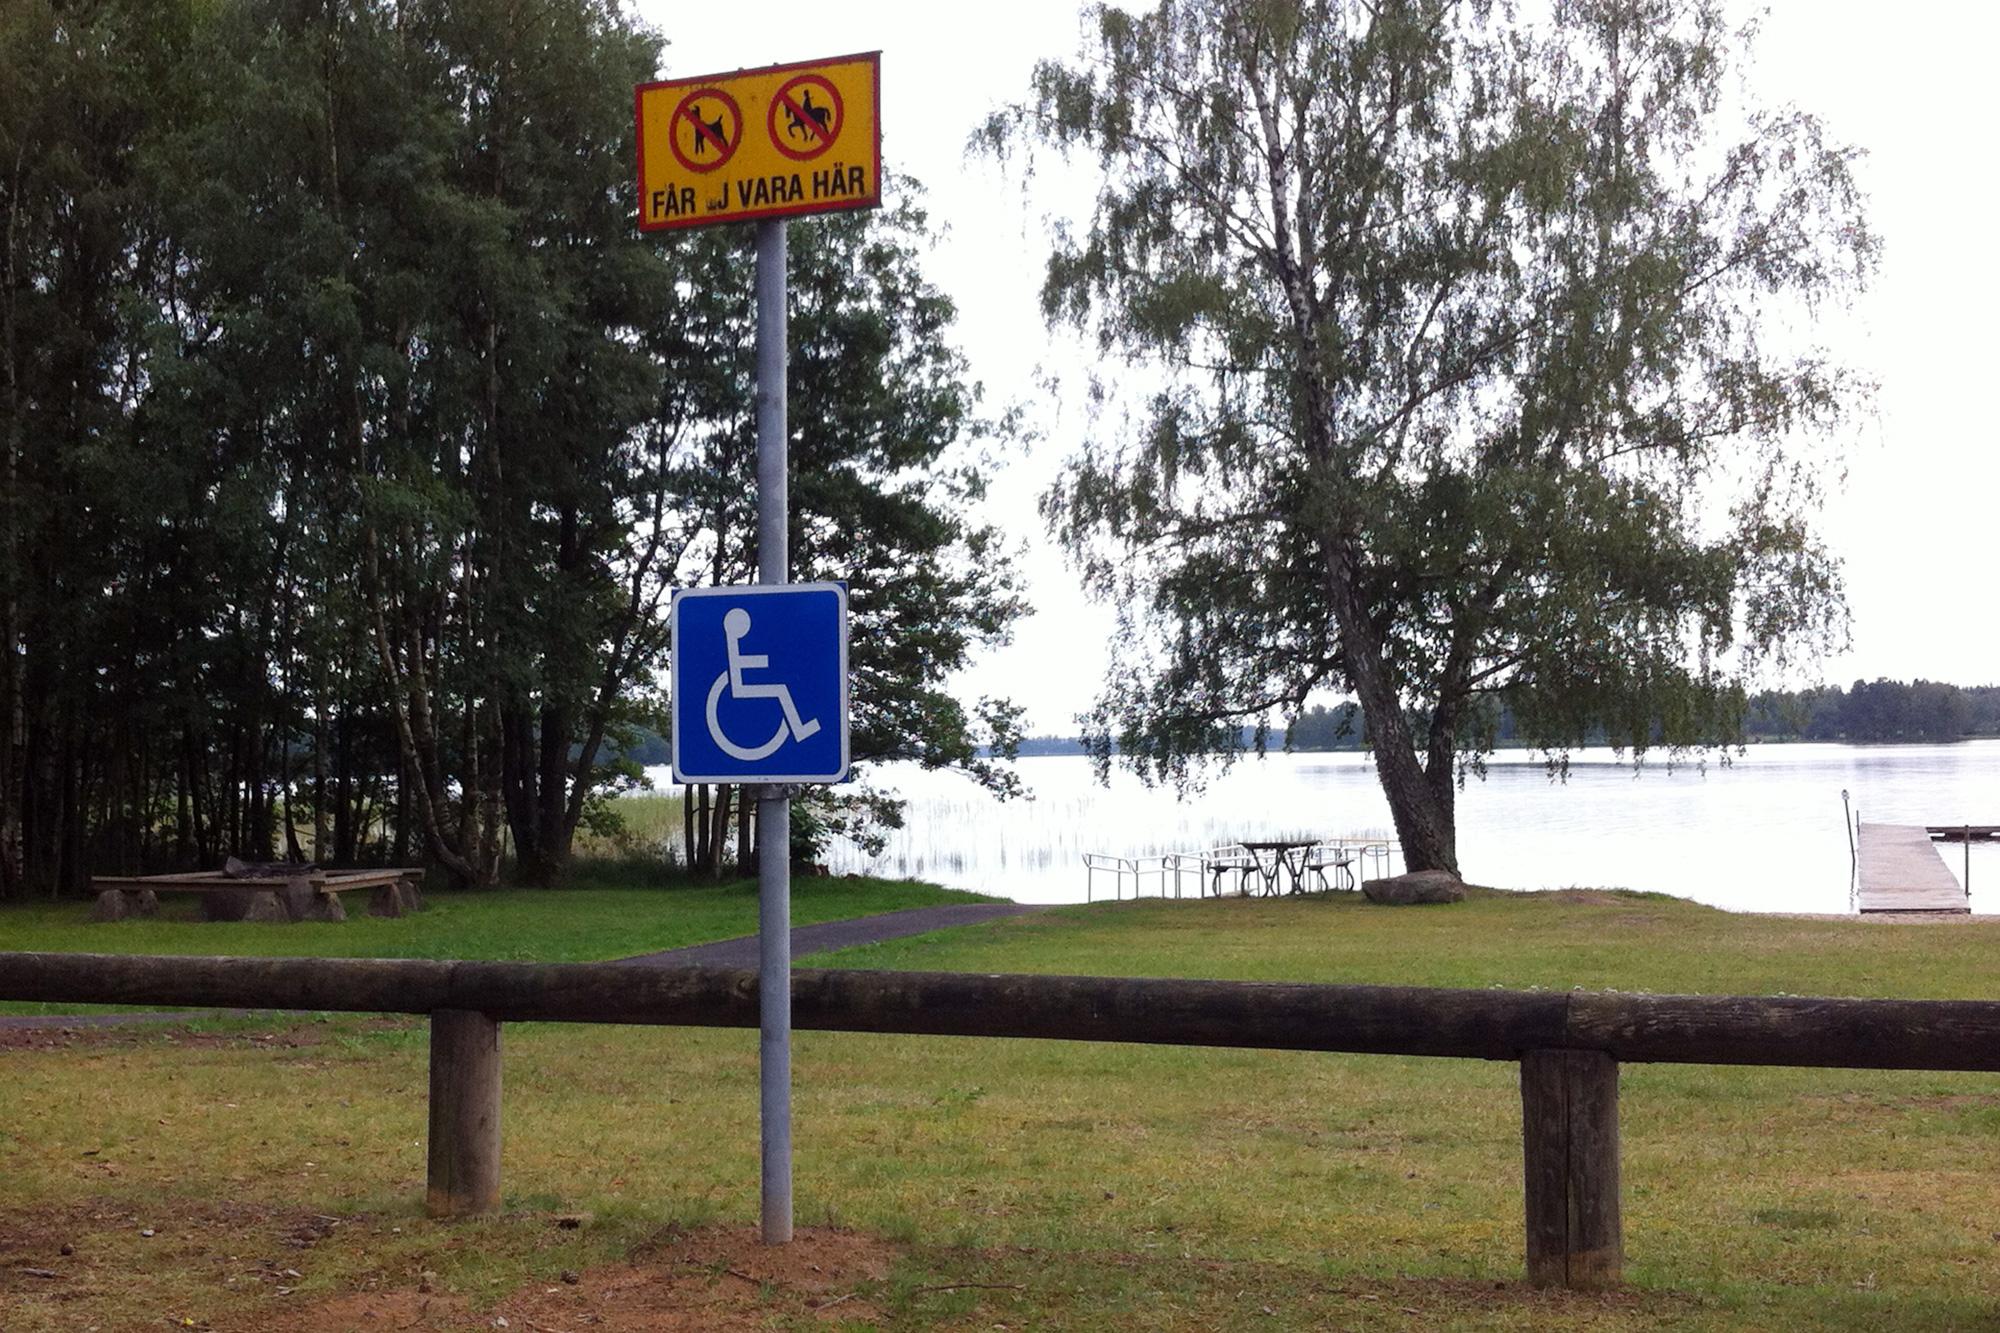 Rollstuhlpiktogramm auf einem Parkplatz, mit unpassierbarem Zaun dahinter